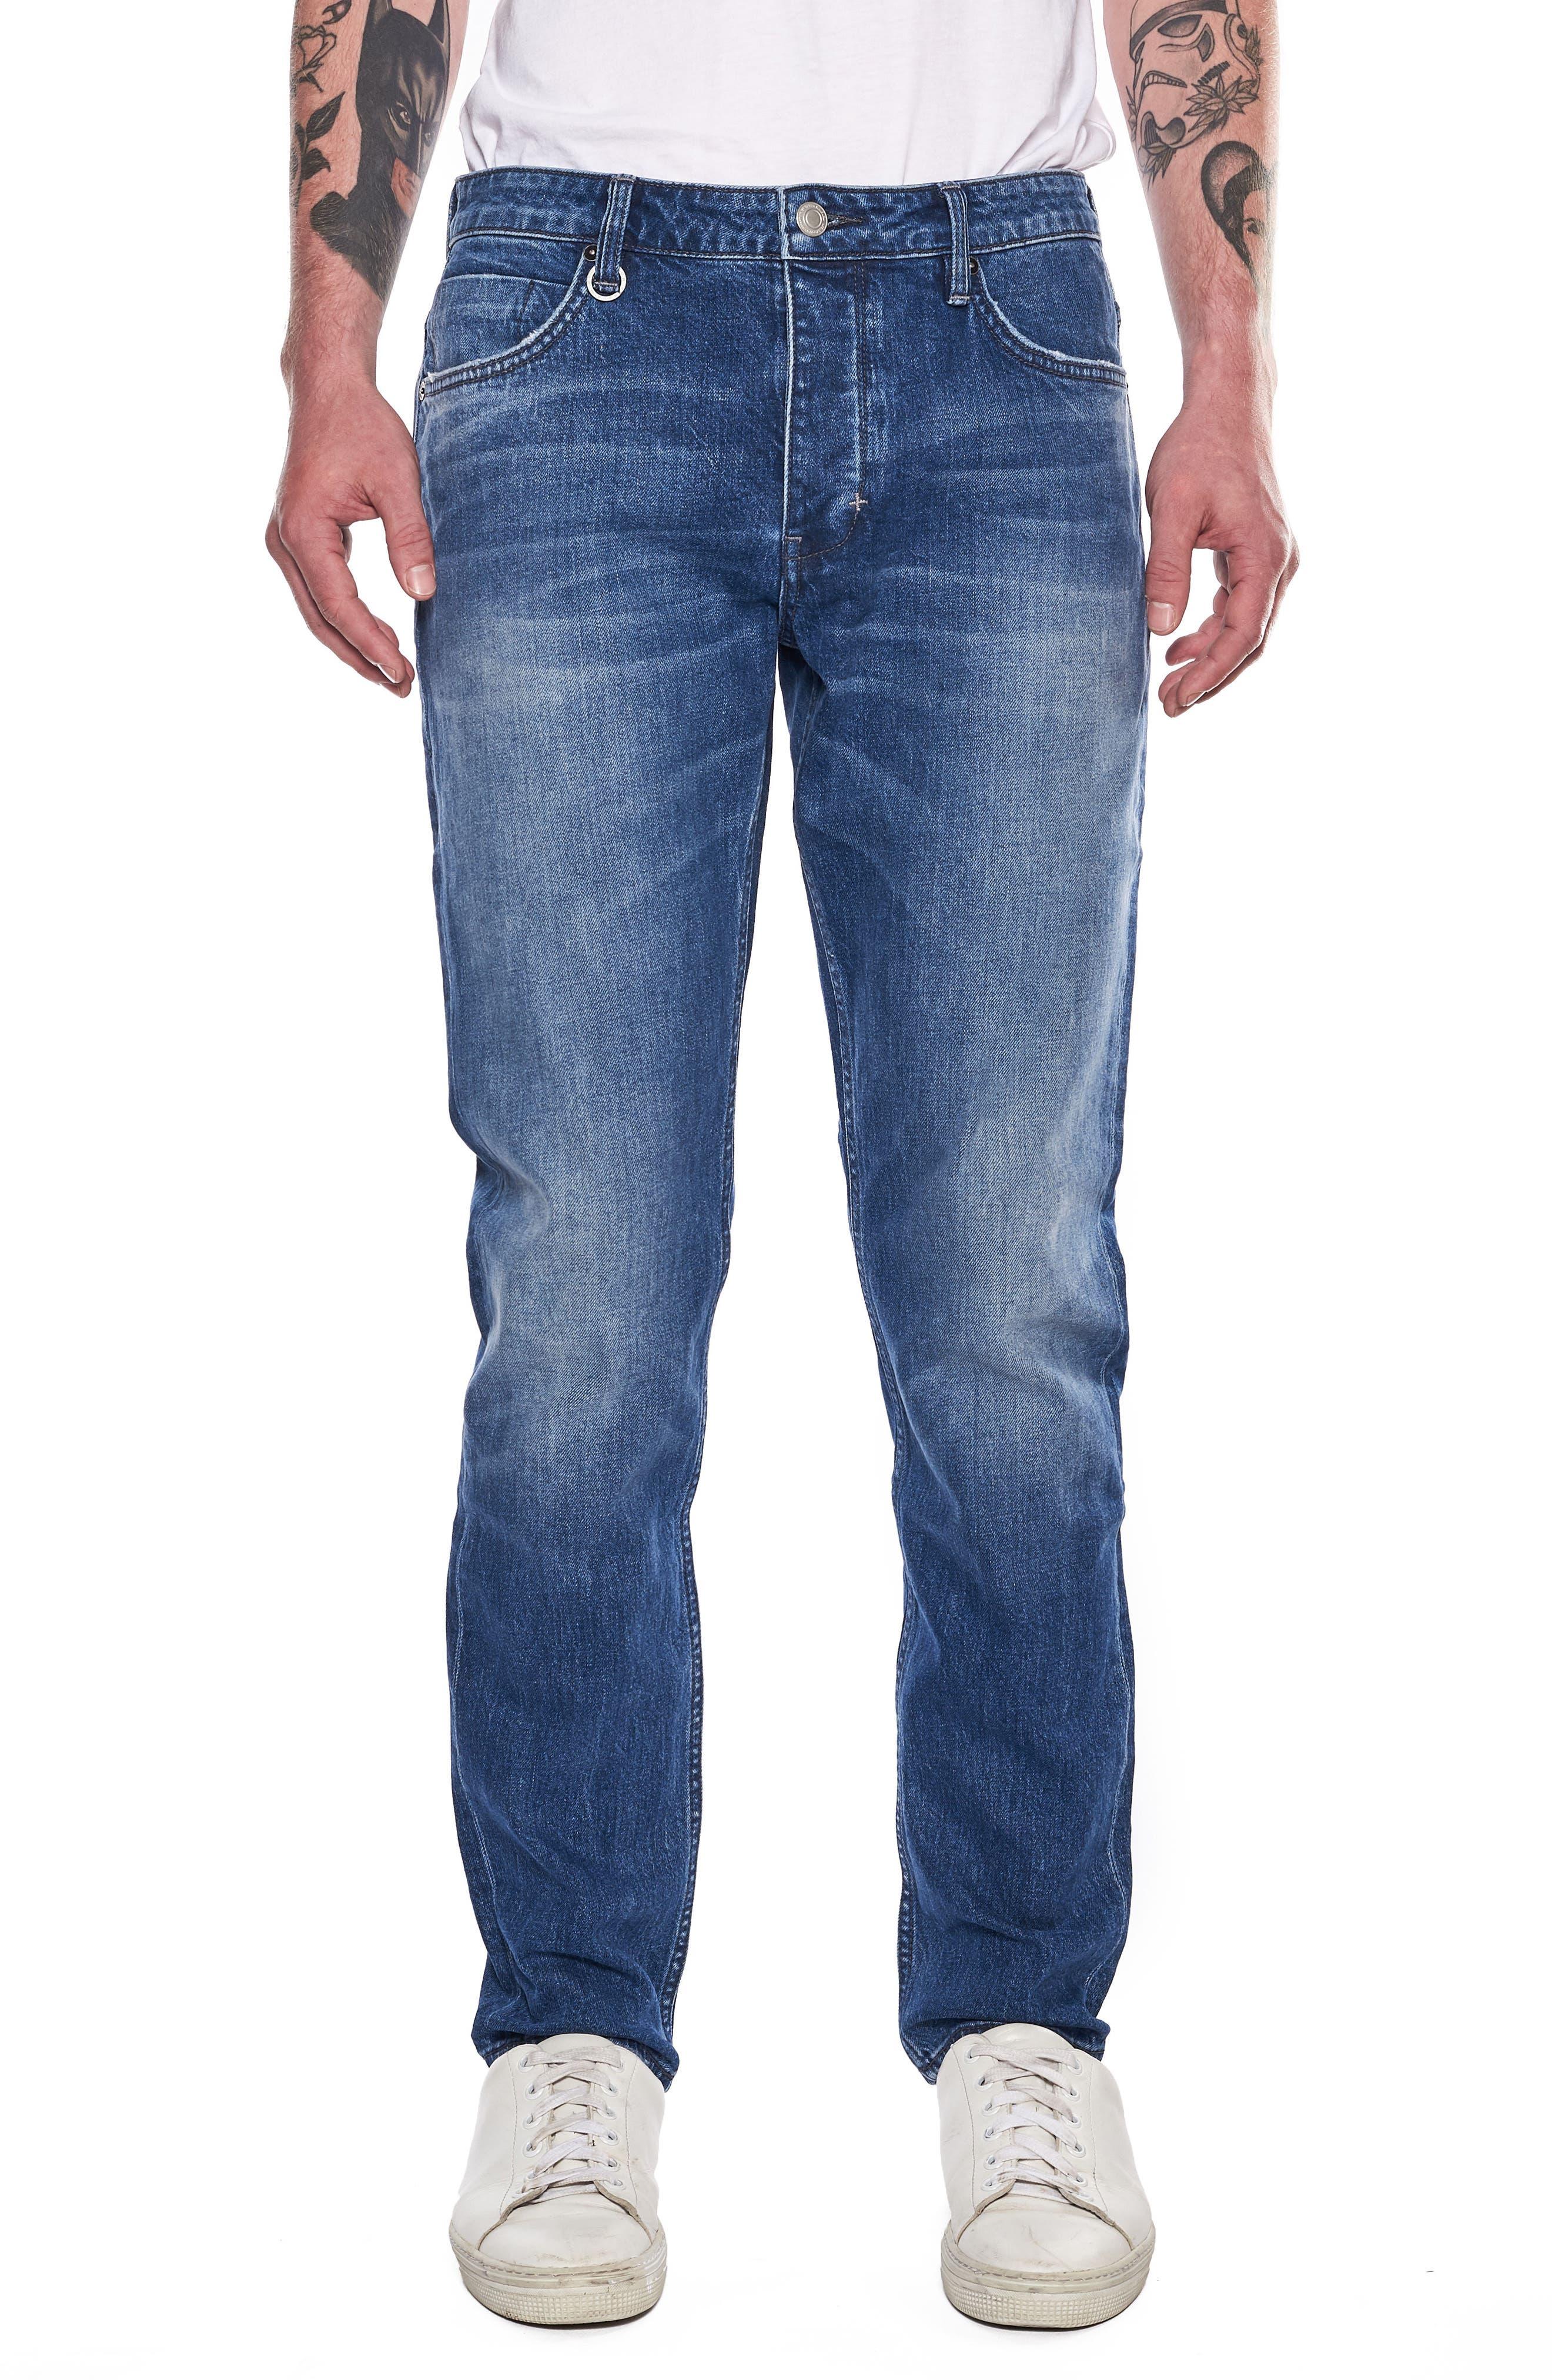 Lou Slim Fit Jeans,                         Main,                         color, Club